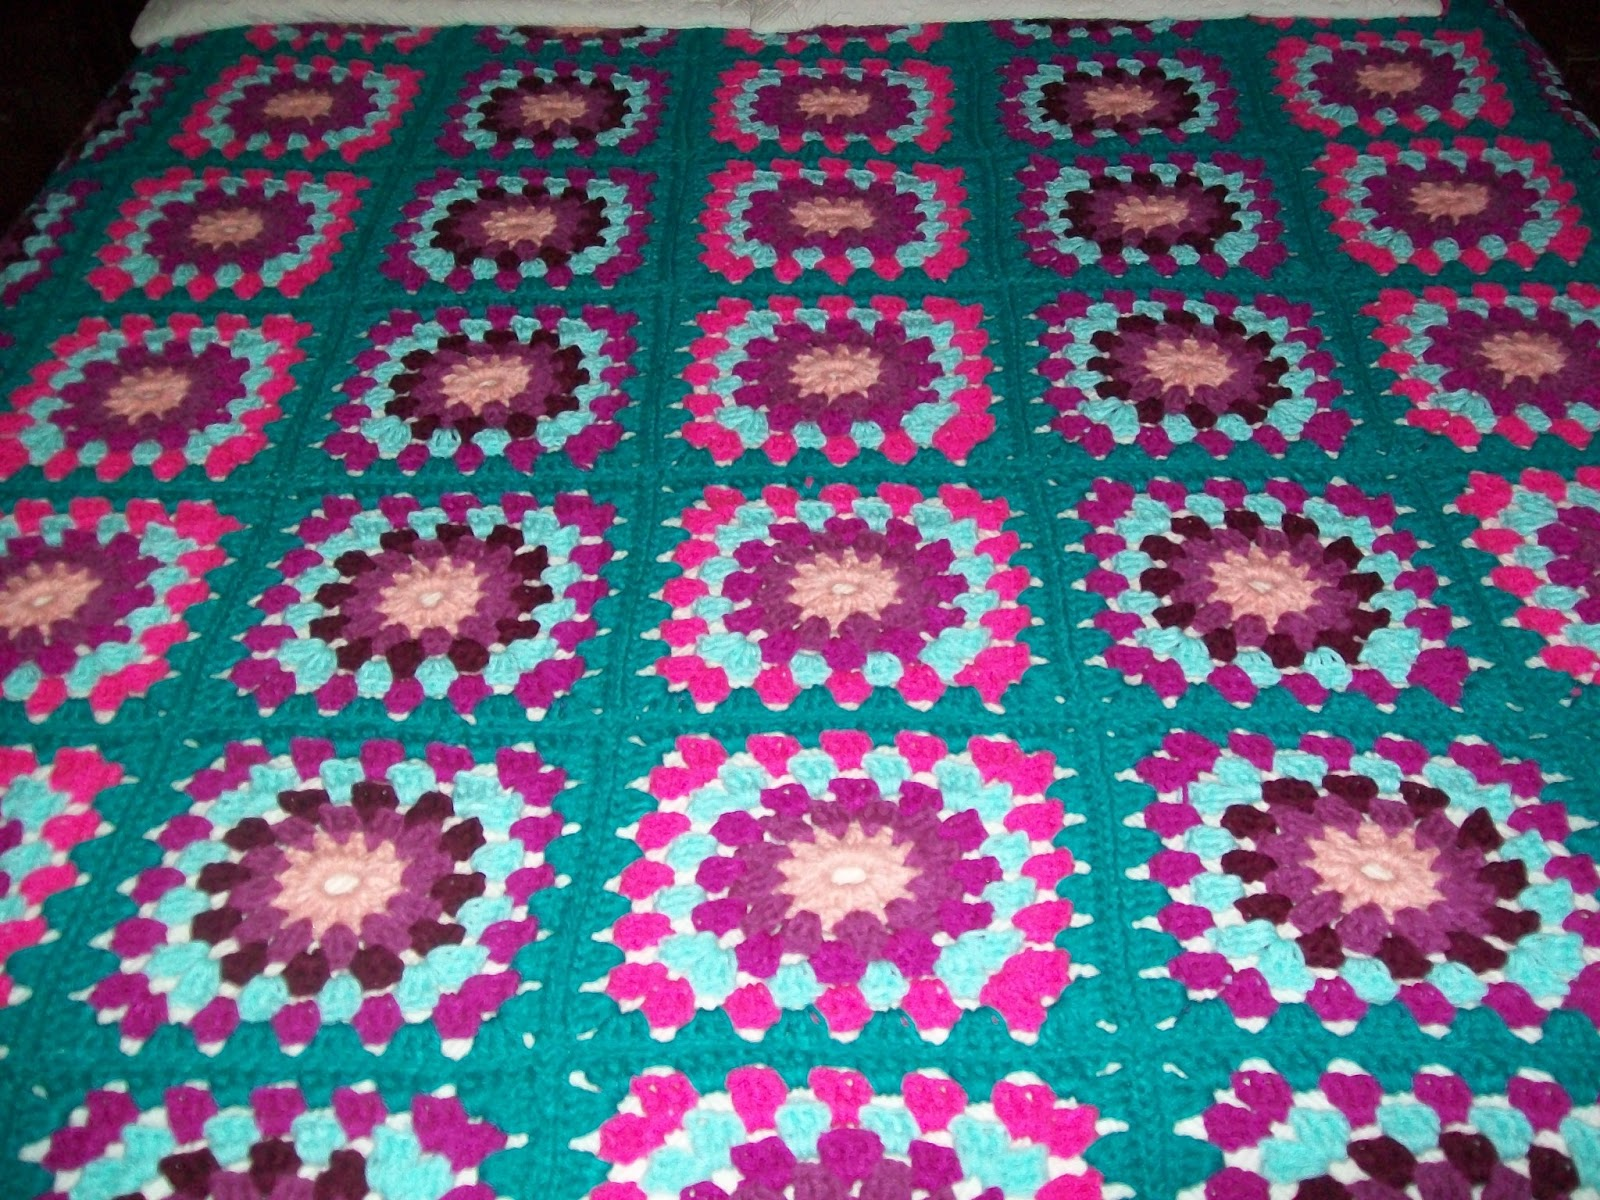 Colchas a crochet para cama imagui for Colchas de punto de lana